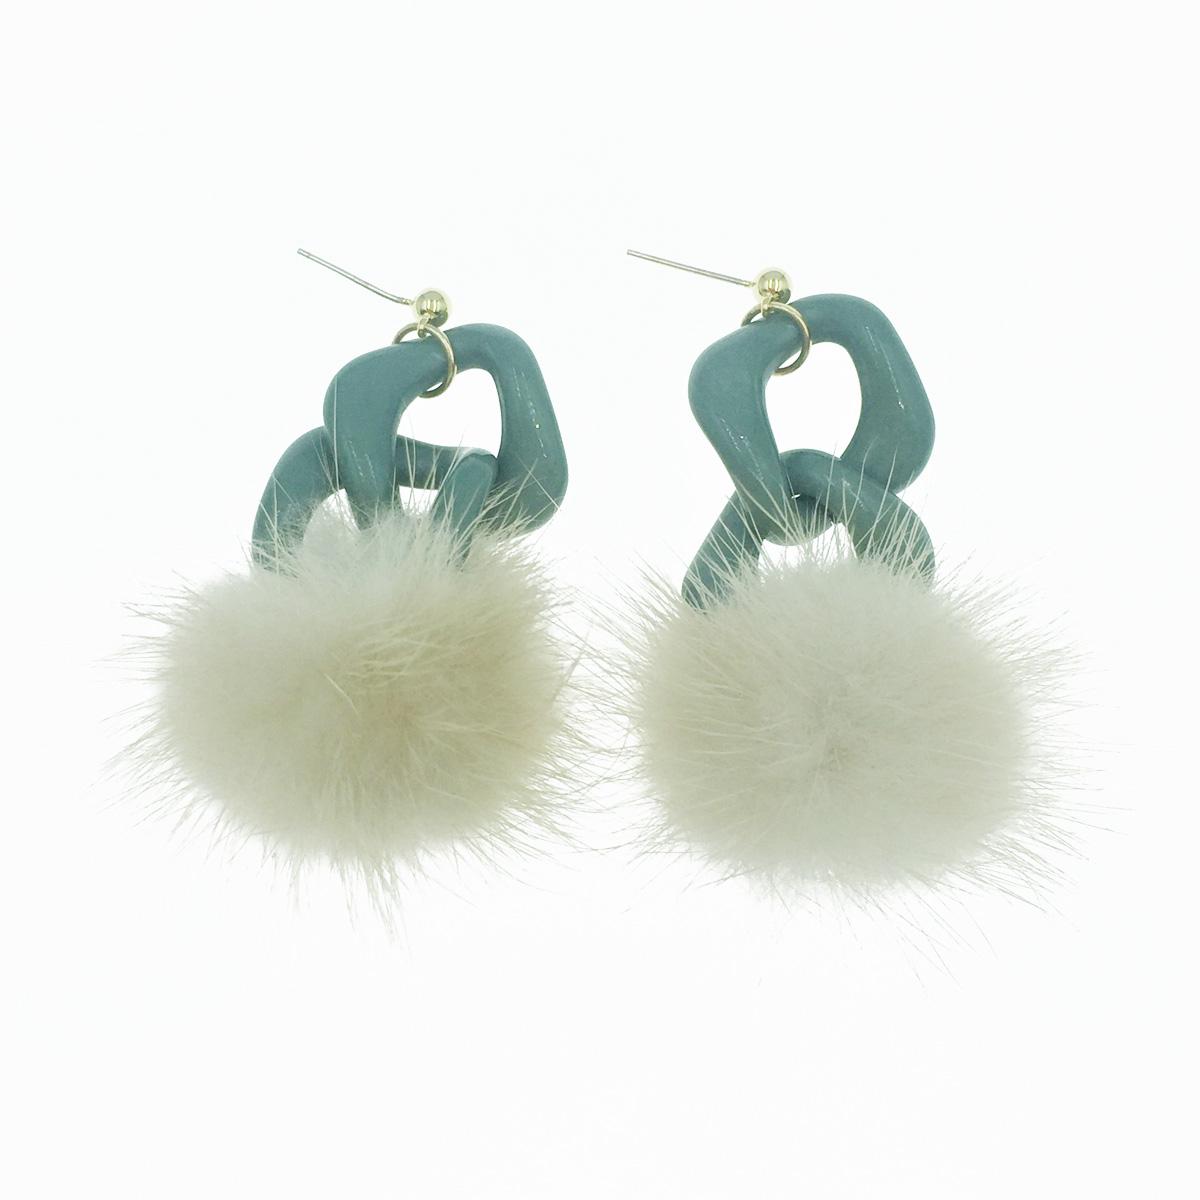 韓國 925純銀 毛球 扣環 小金珠 垂墜感 耳針式耳環